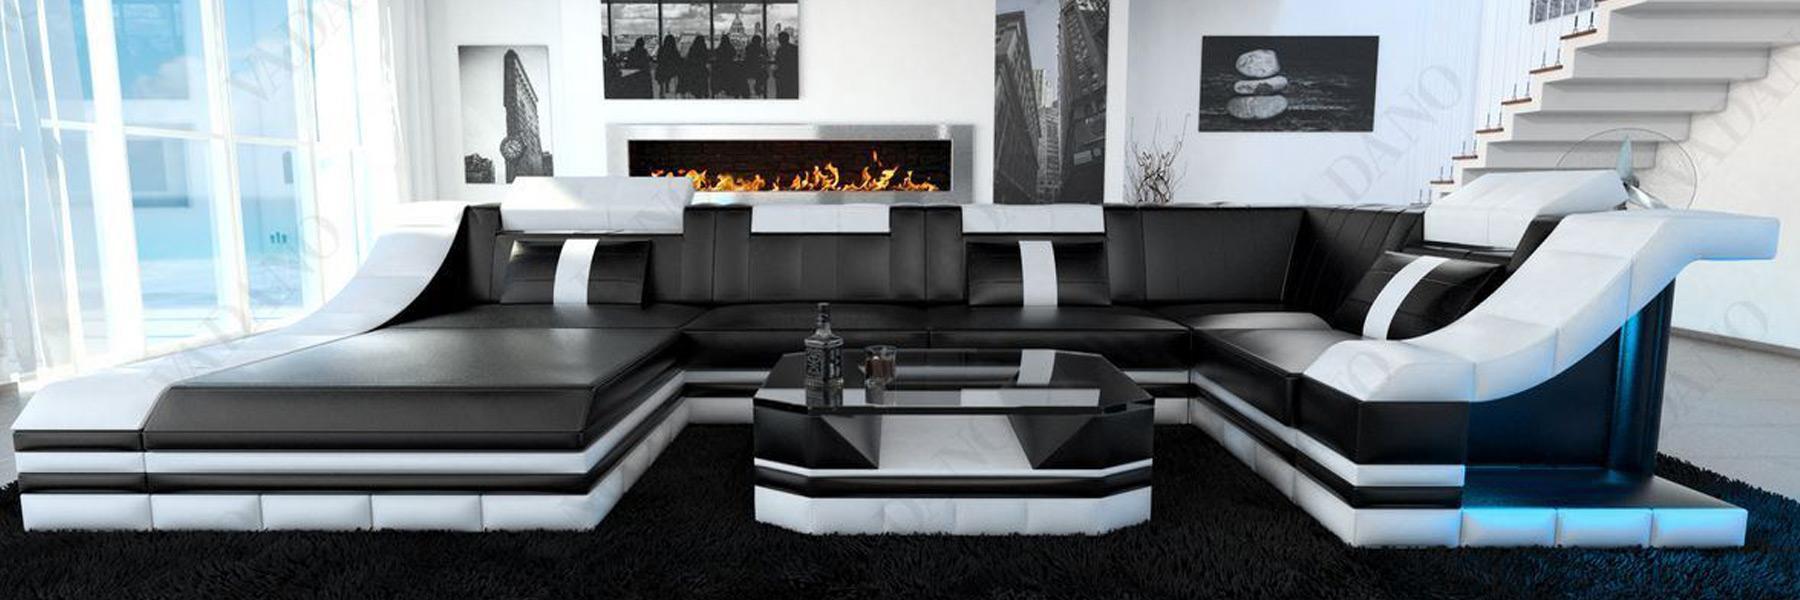 Luksus sofa komponere levende landskaber og købe online